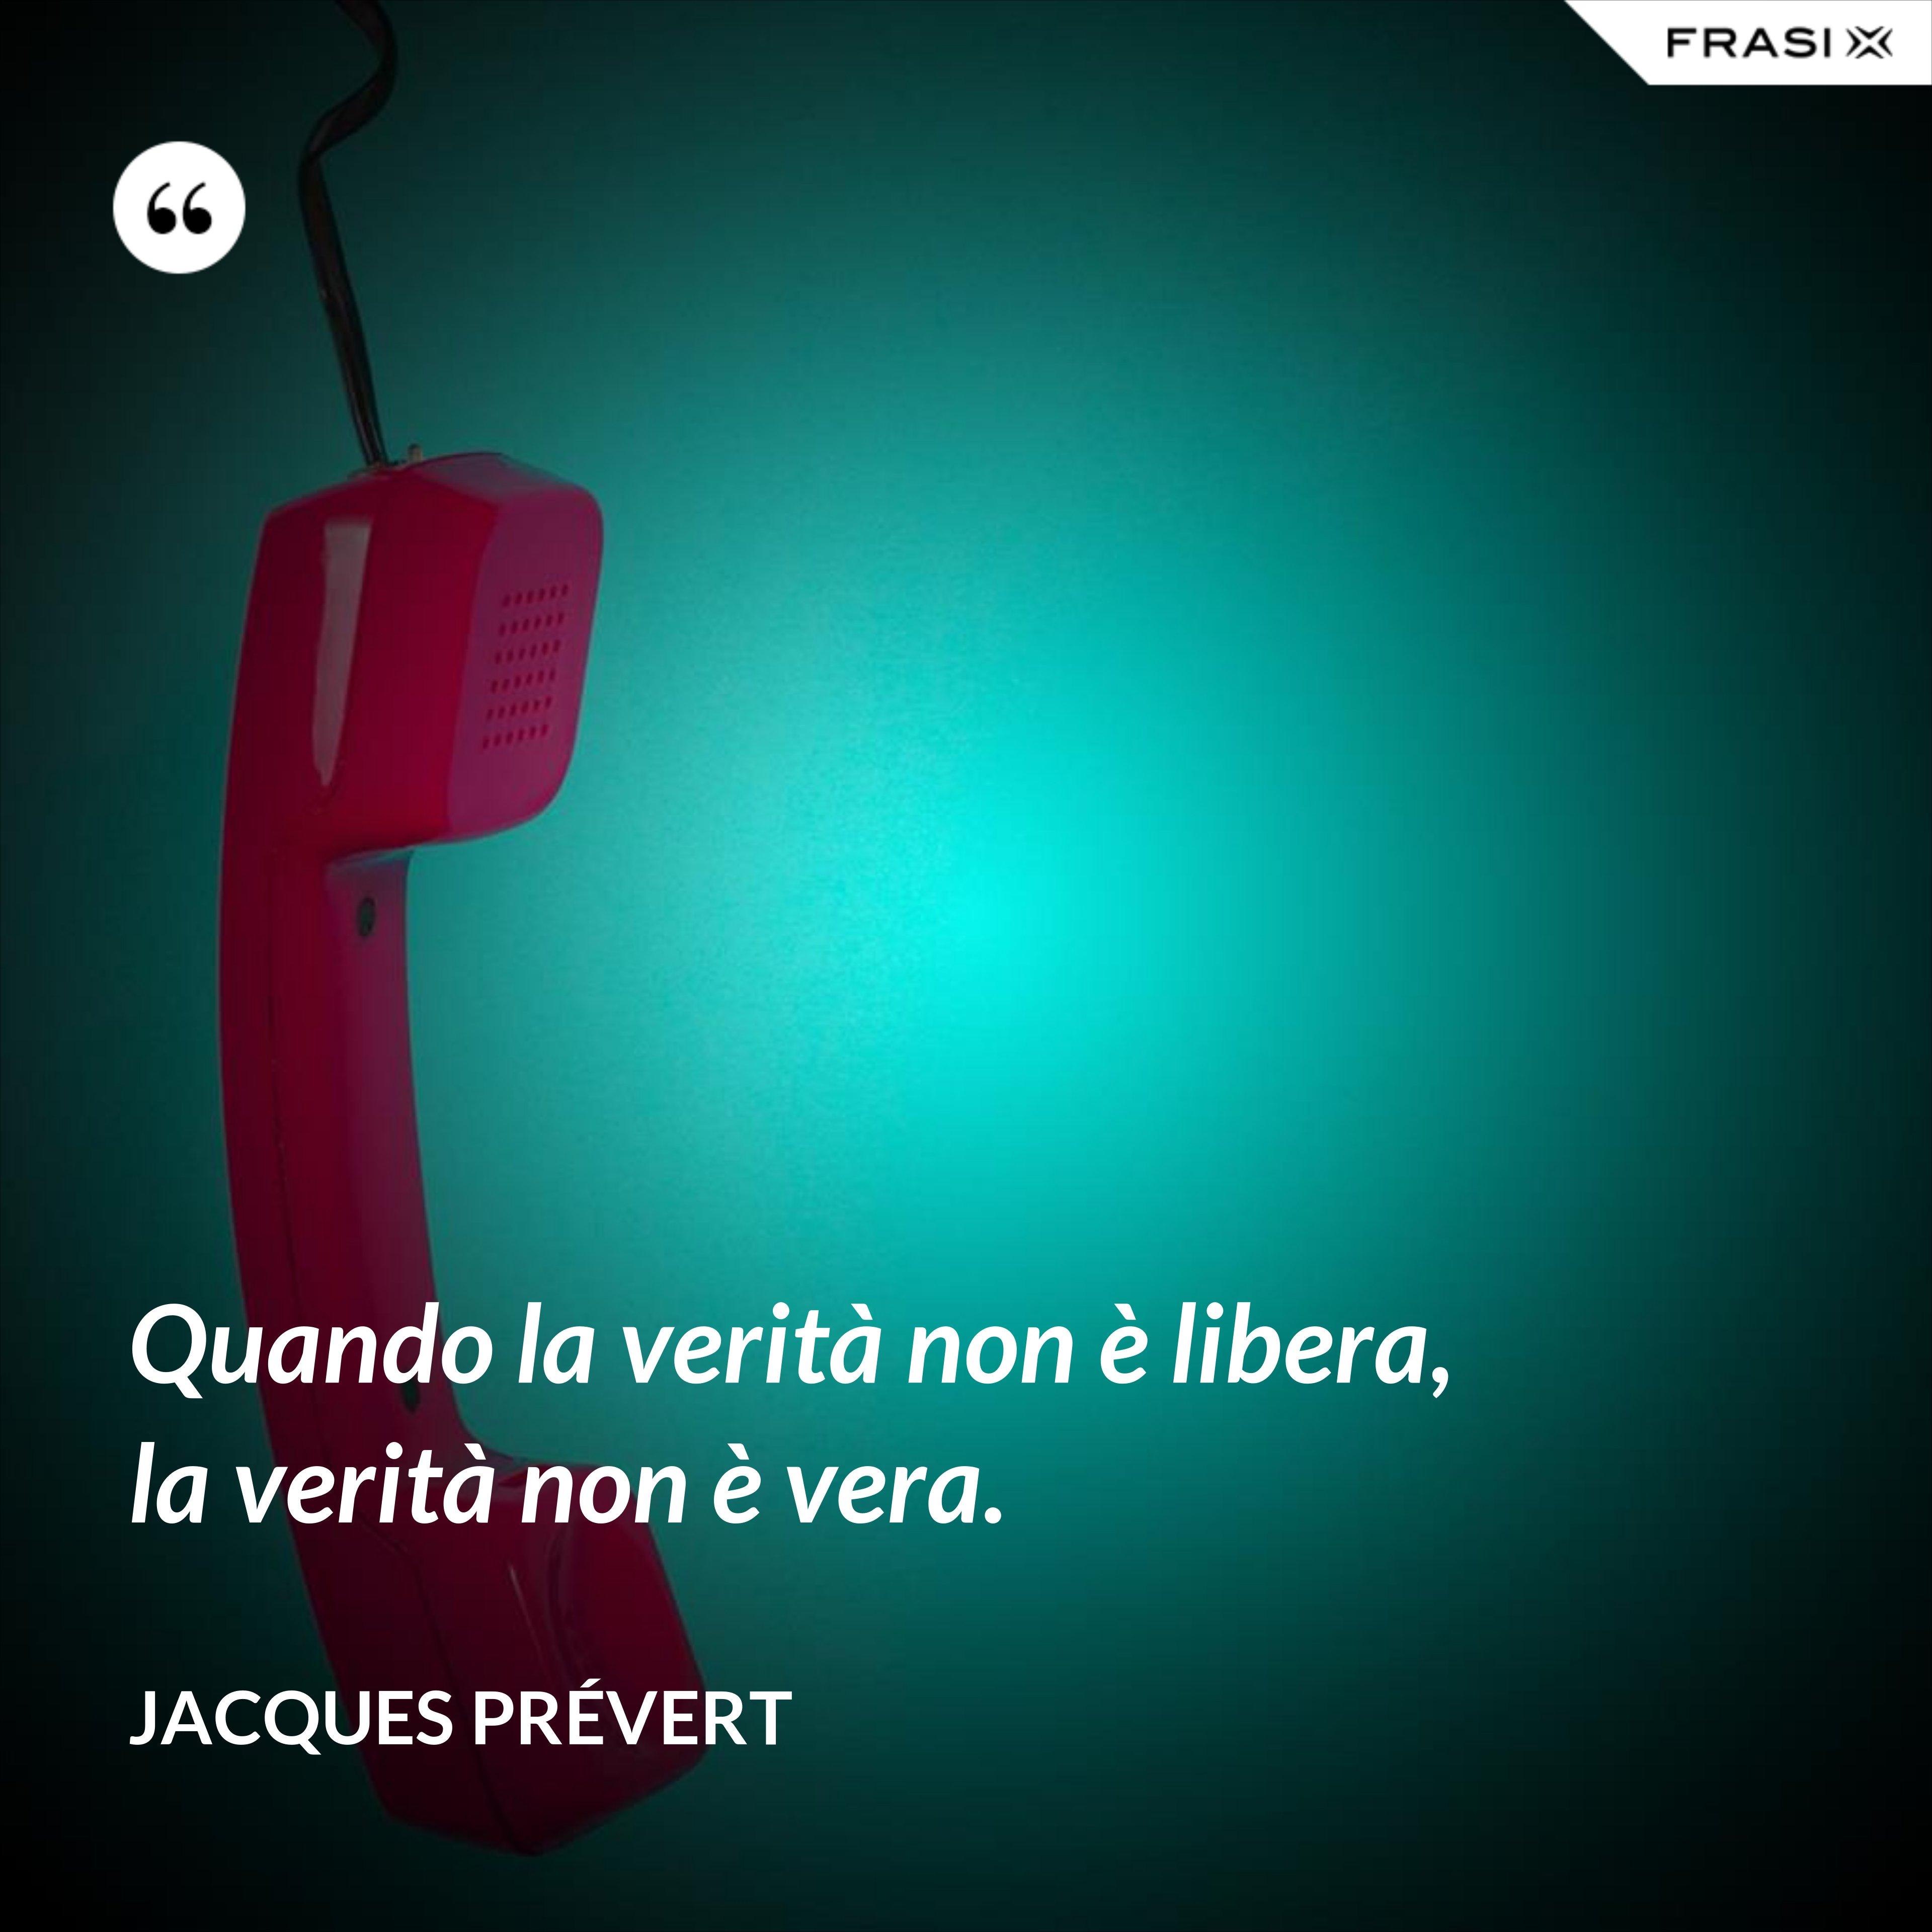 Quando la verità non è libera, la verità non è vera. - Jacques Prévert